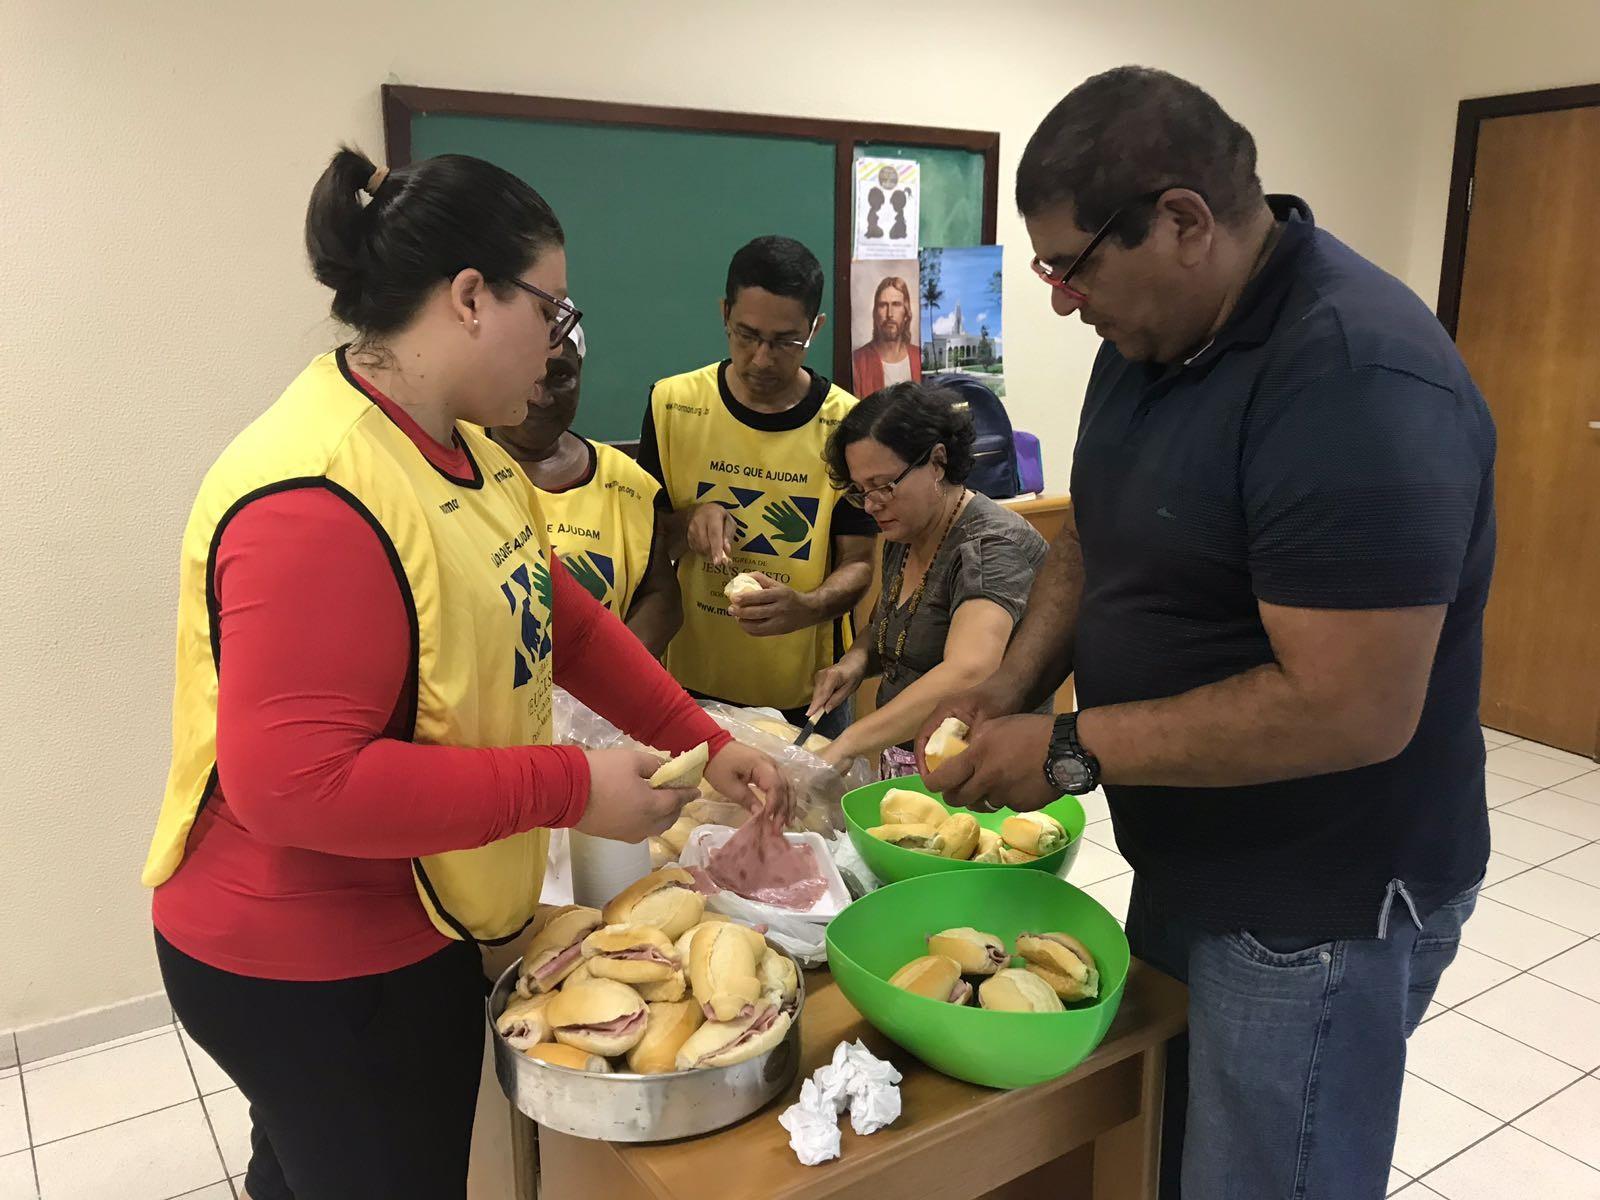 Voluntários do Mãos Que Ajudam levam serviços gratuitos de saúde e cidadania em Recife